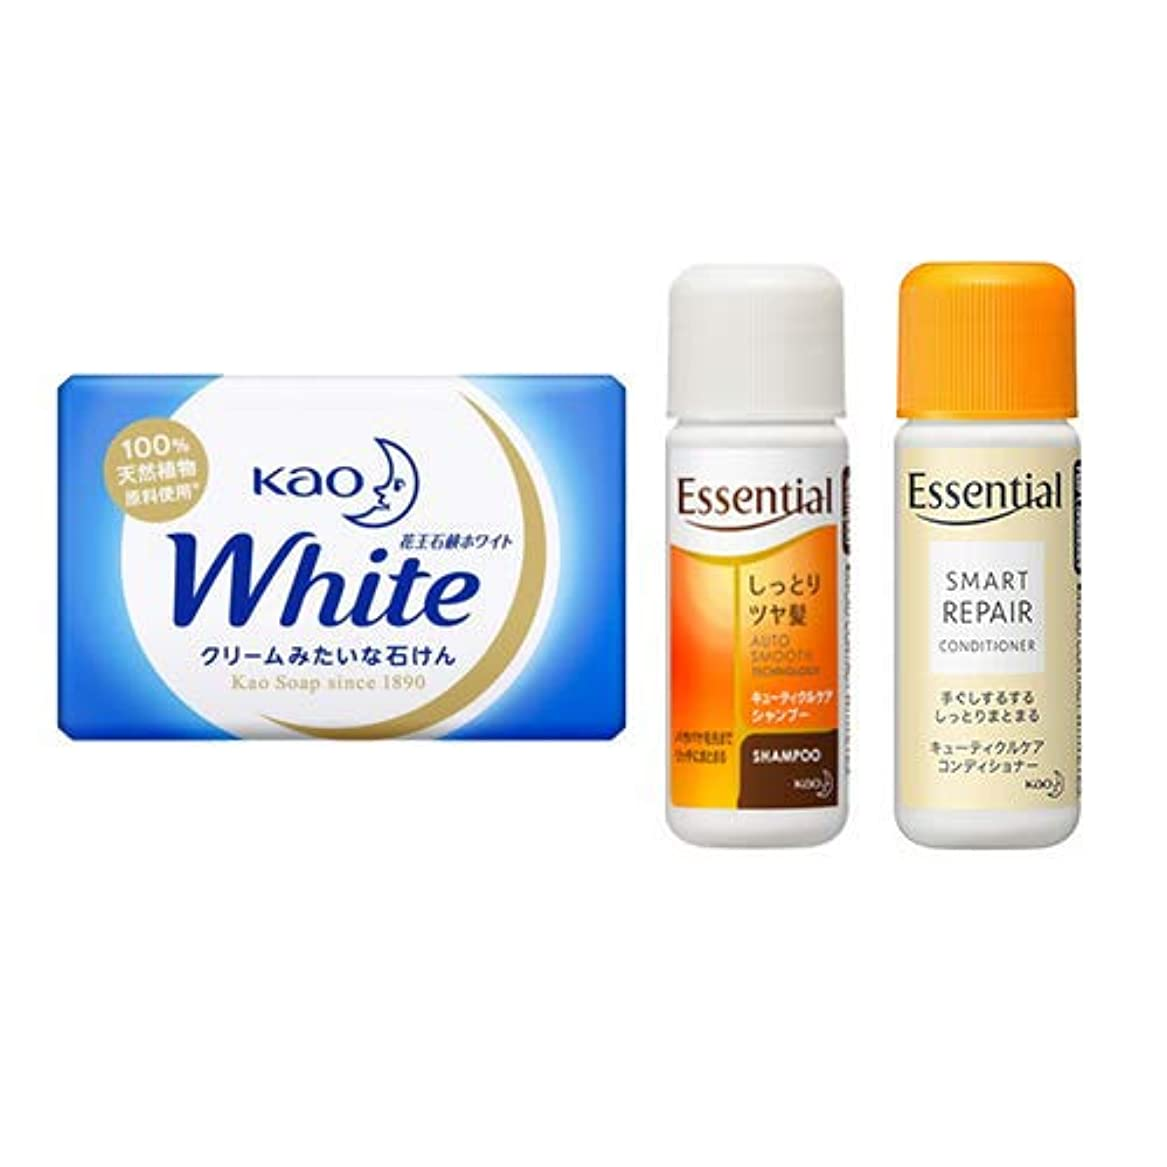 熱競争力のある暗い花王(KAO) 石鹸ホワイト(Kao Soap White) 15g + エッセンシャルシャンプー 16ml + コンディショナー 16ml セット